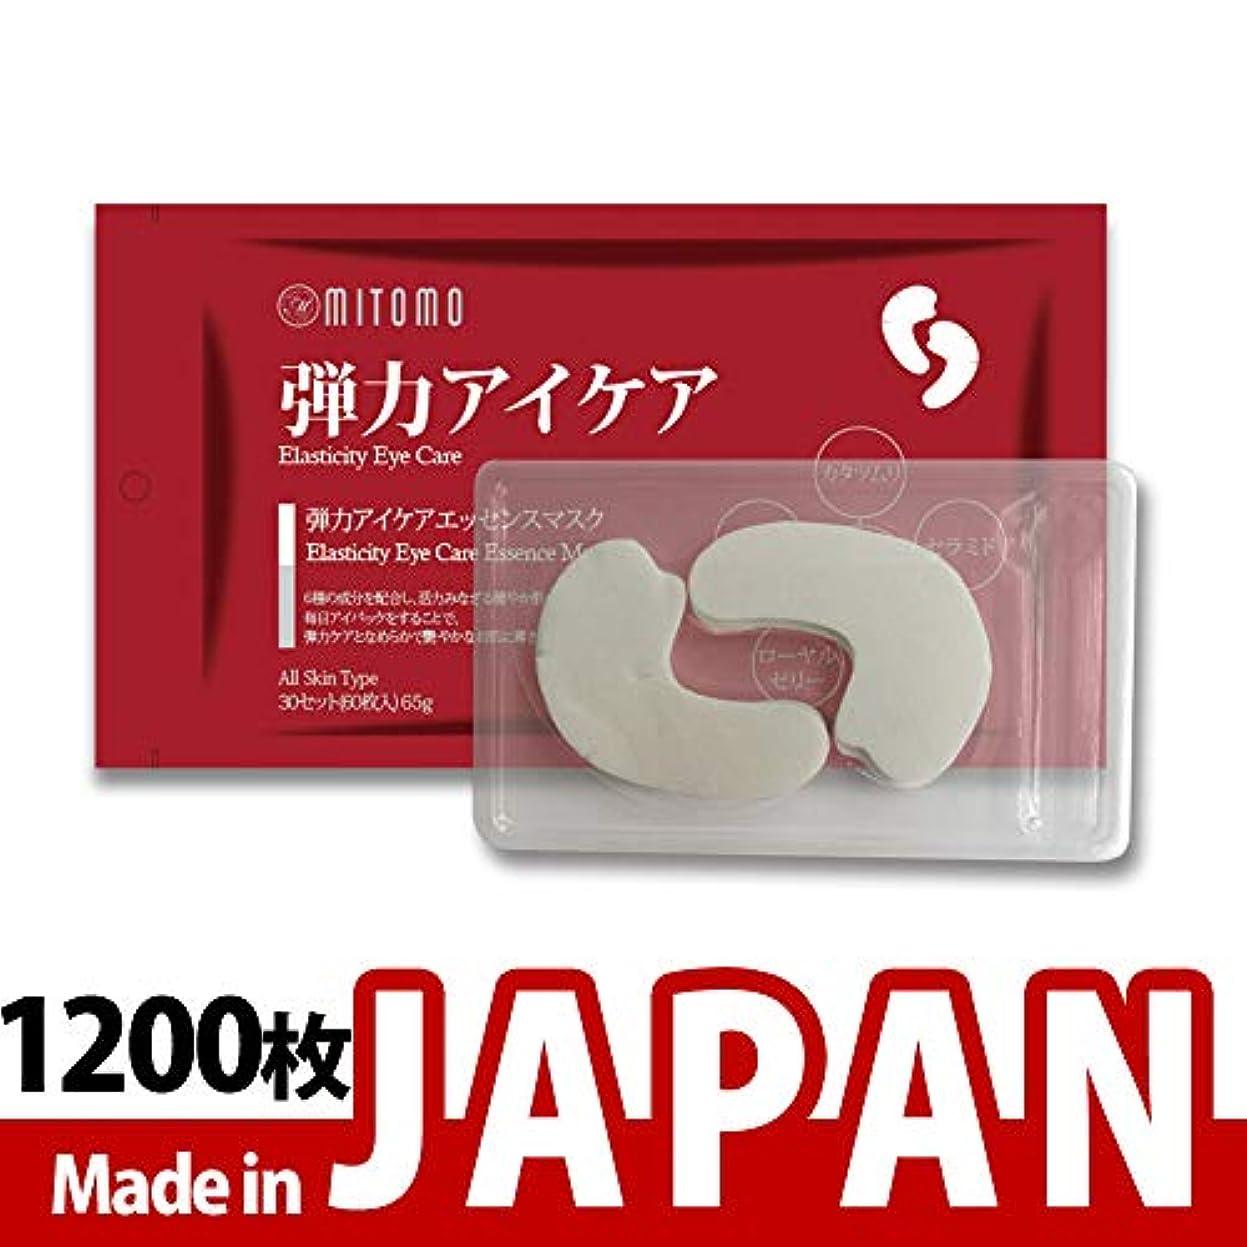 ネクタイ封筒受け入れ【MC005-B-0】シートマスク/60枚入り/1200枚/美容液/マスクパック/送料無料